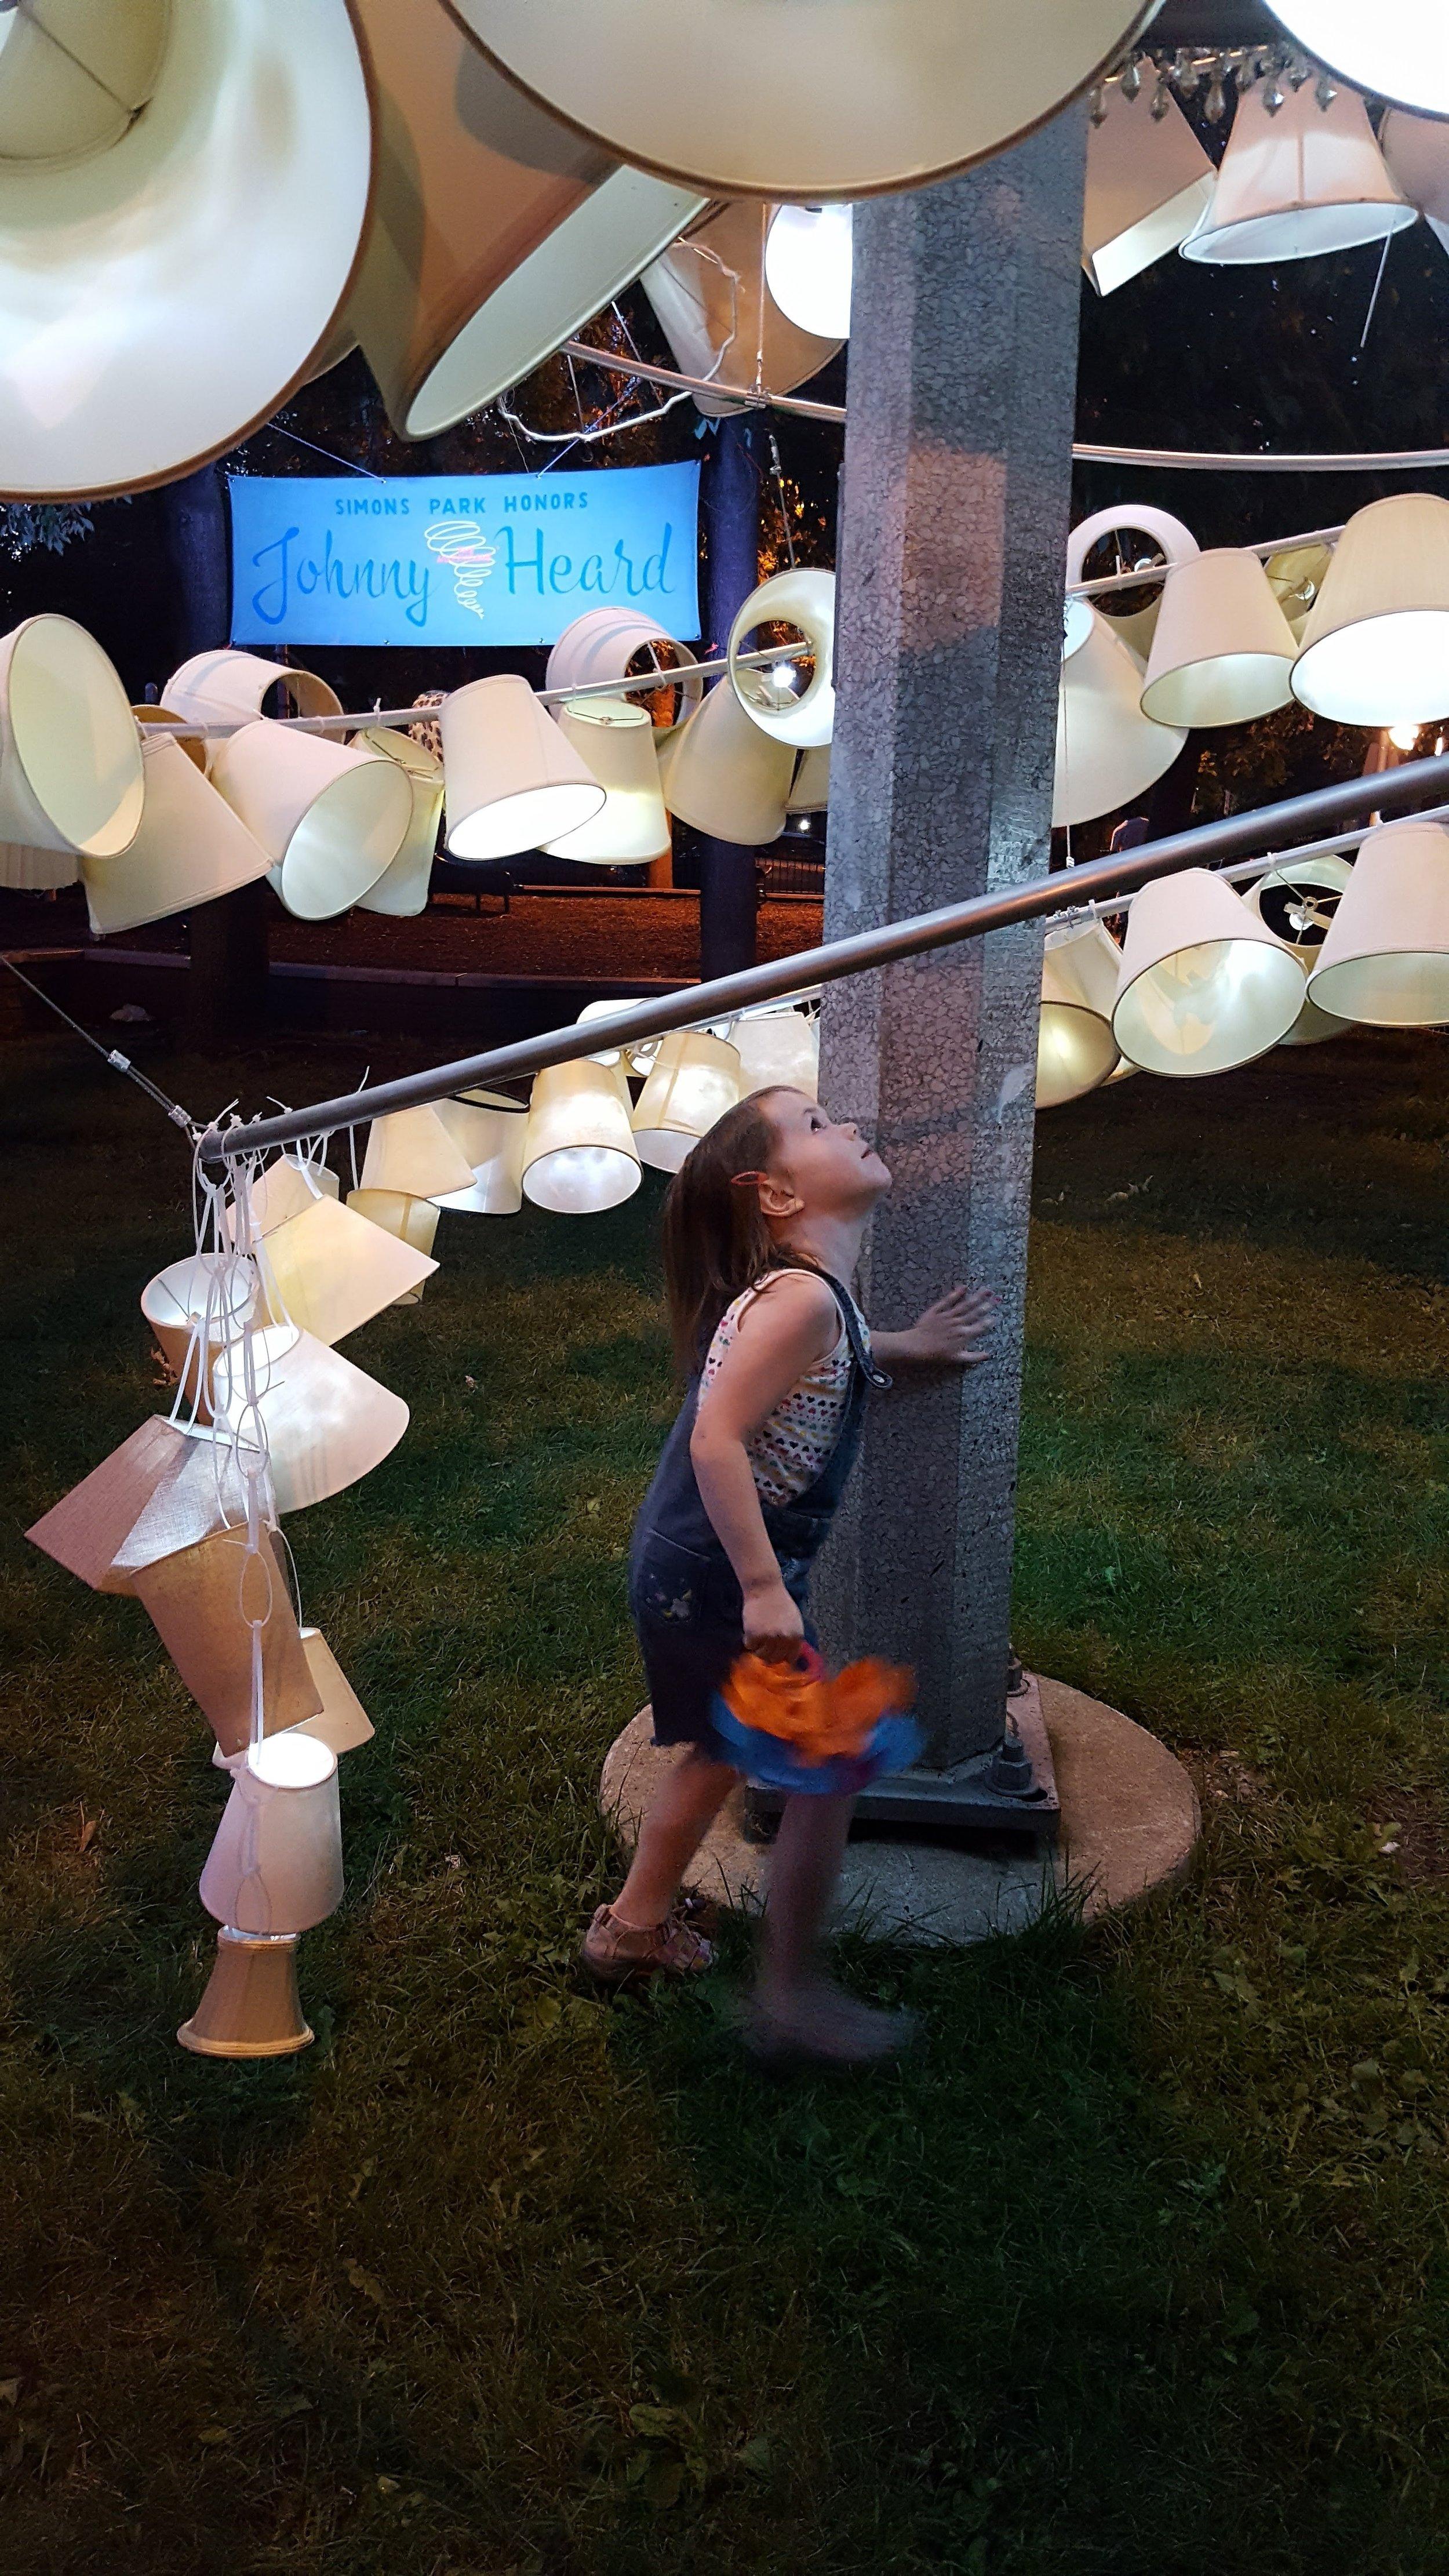 Simons 2016 hurricane child wonder.jpg